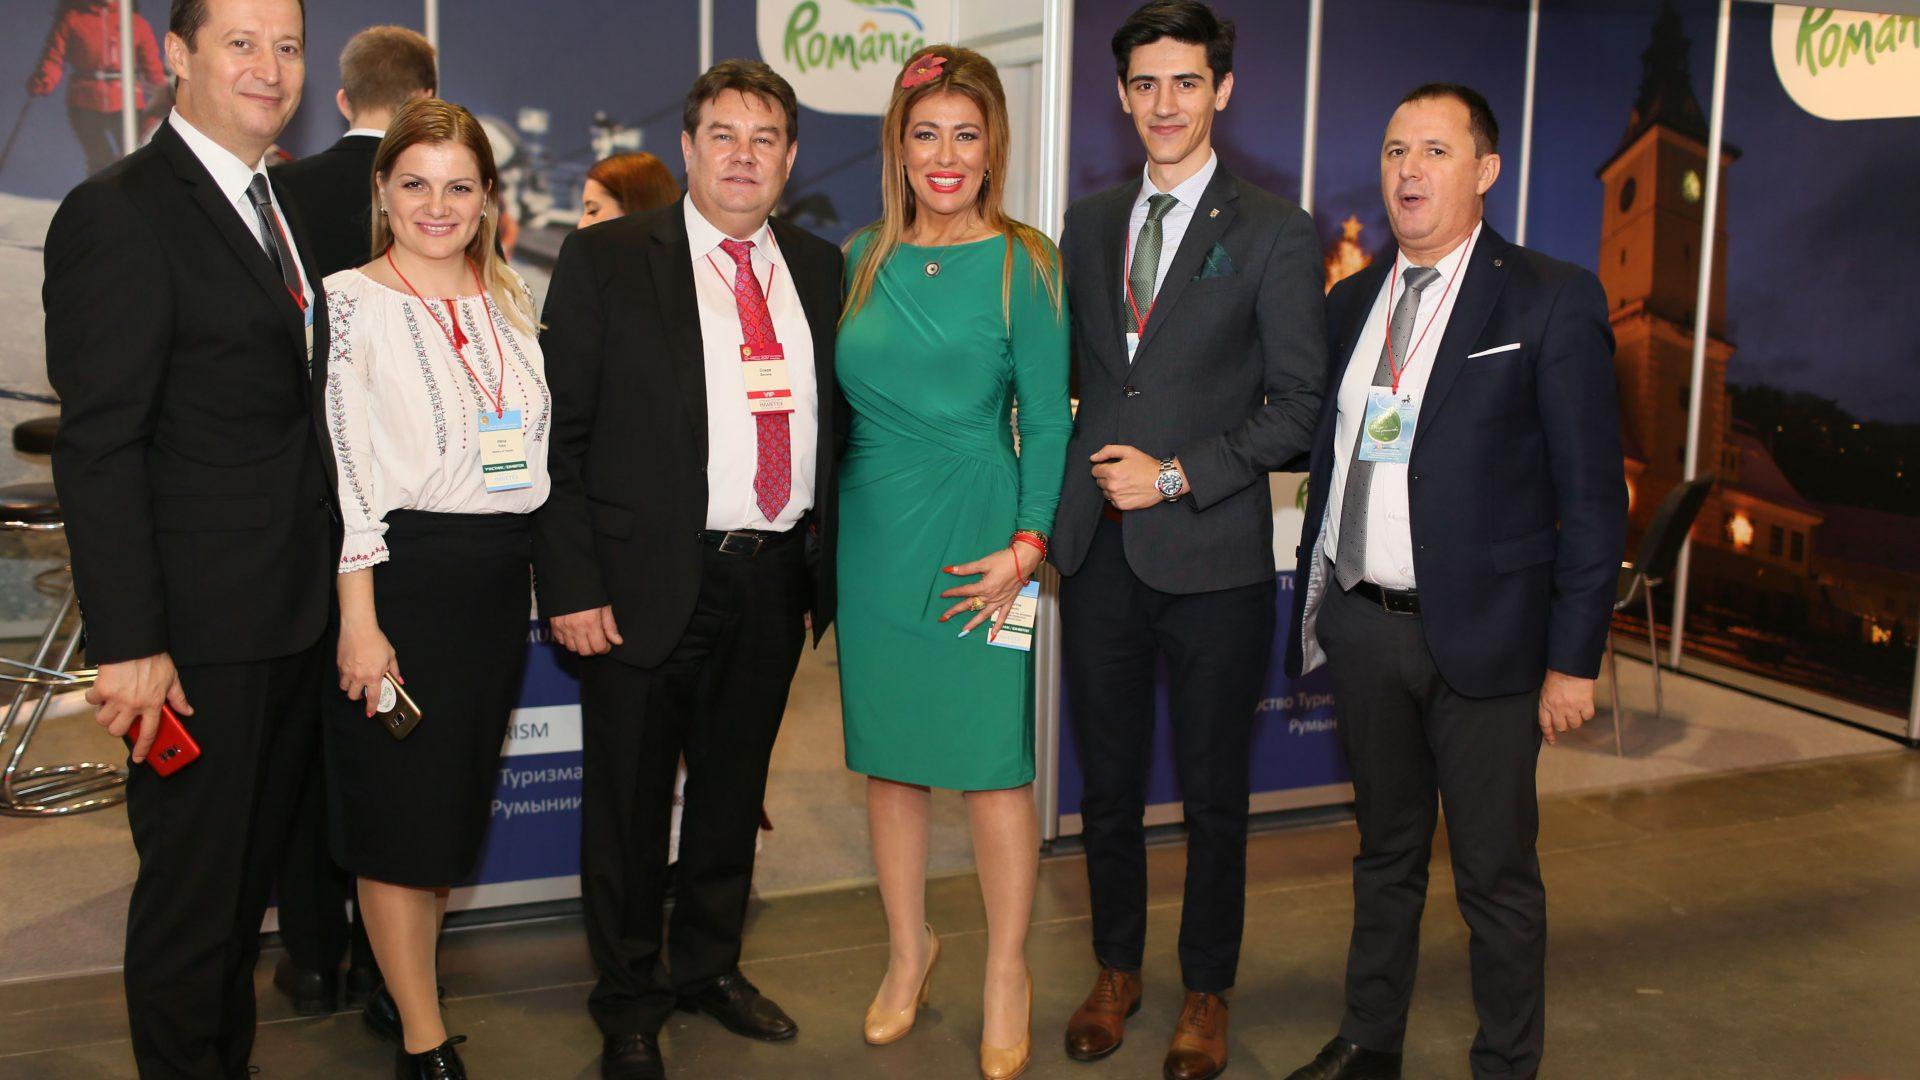 Румыния впервые участвует на туристической выставке в Санкт-Петербурге